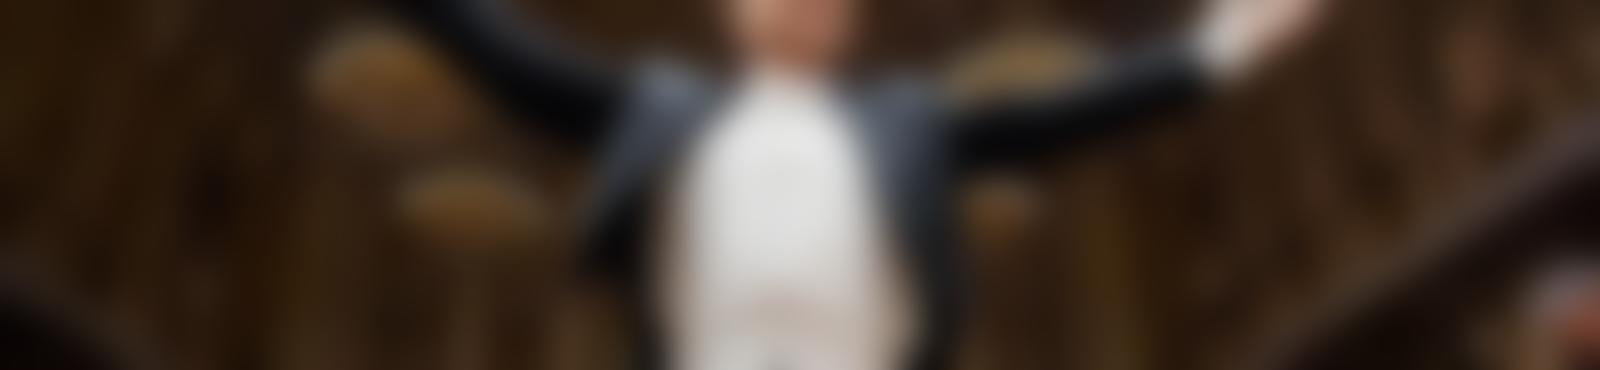 Blurred d8b7cc8e 318f 4594 b638 ced6b8e94faf